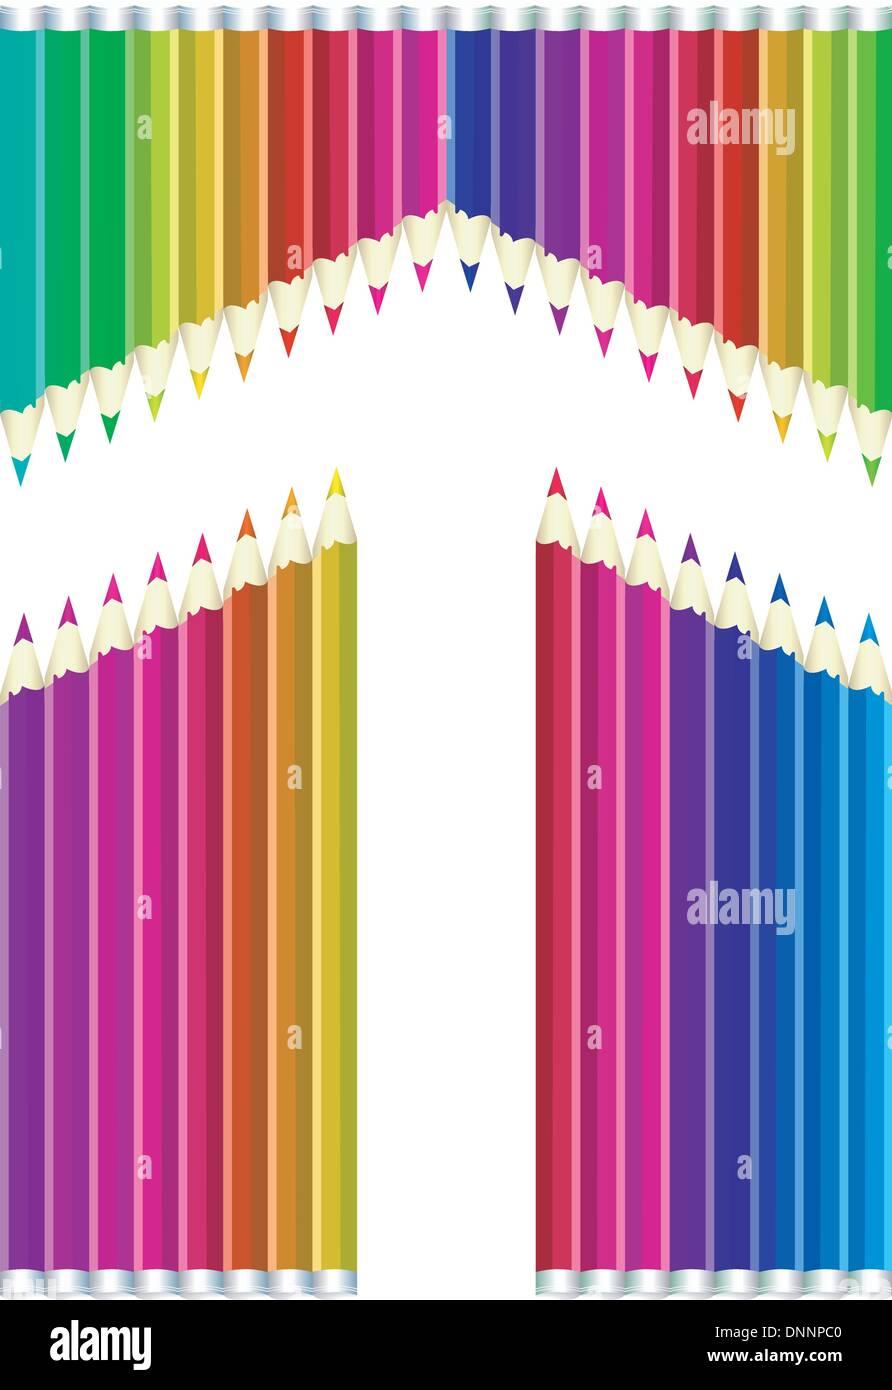 Aroow dal vettore matite colorate su sfondo bianco Immagini Stock